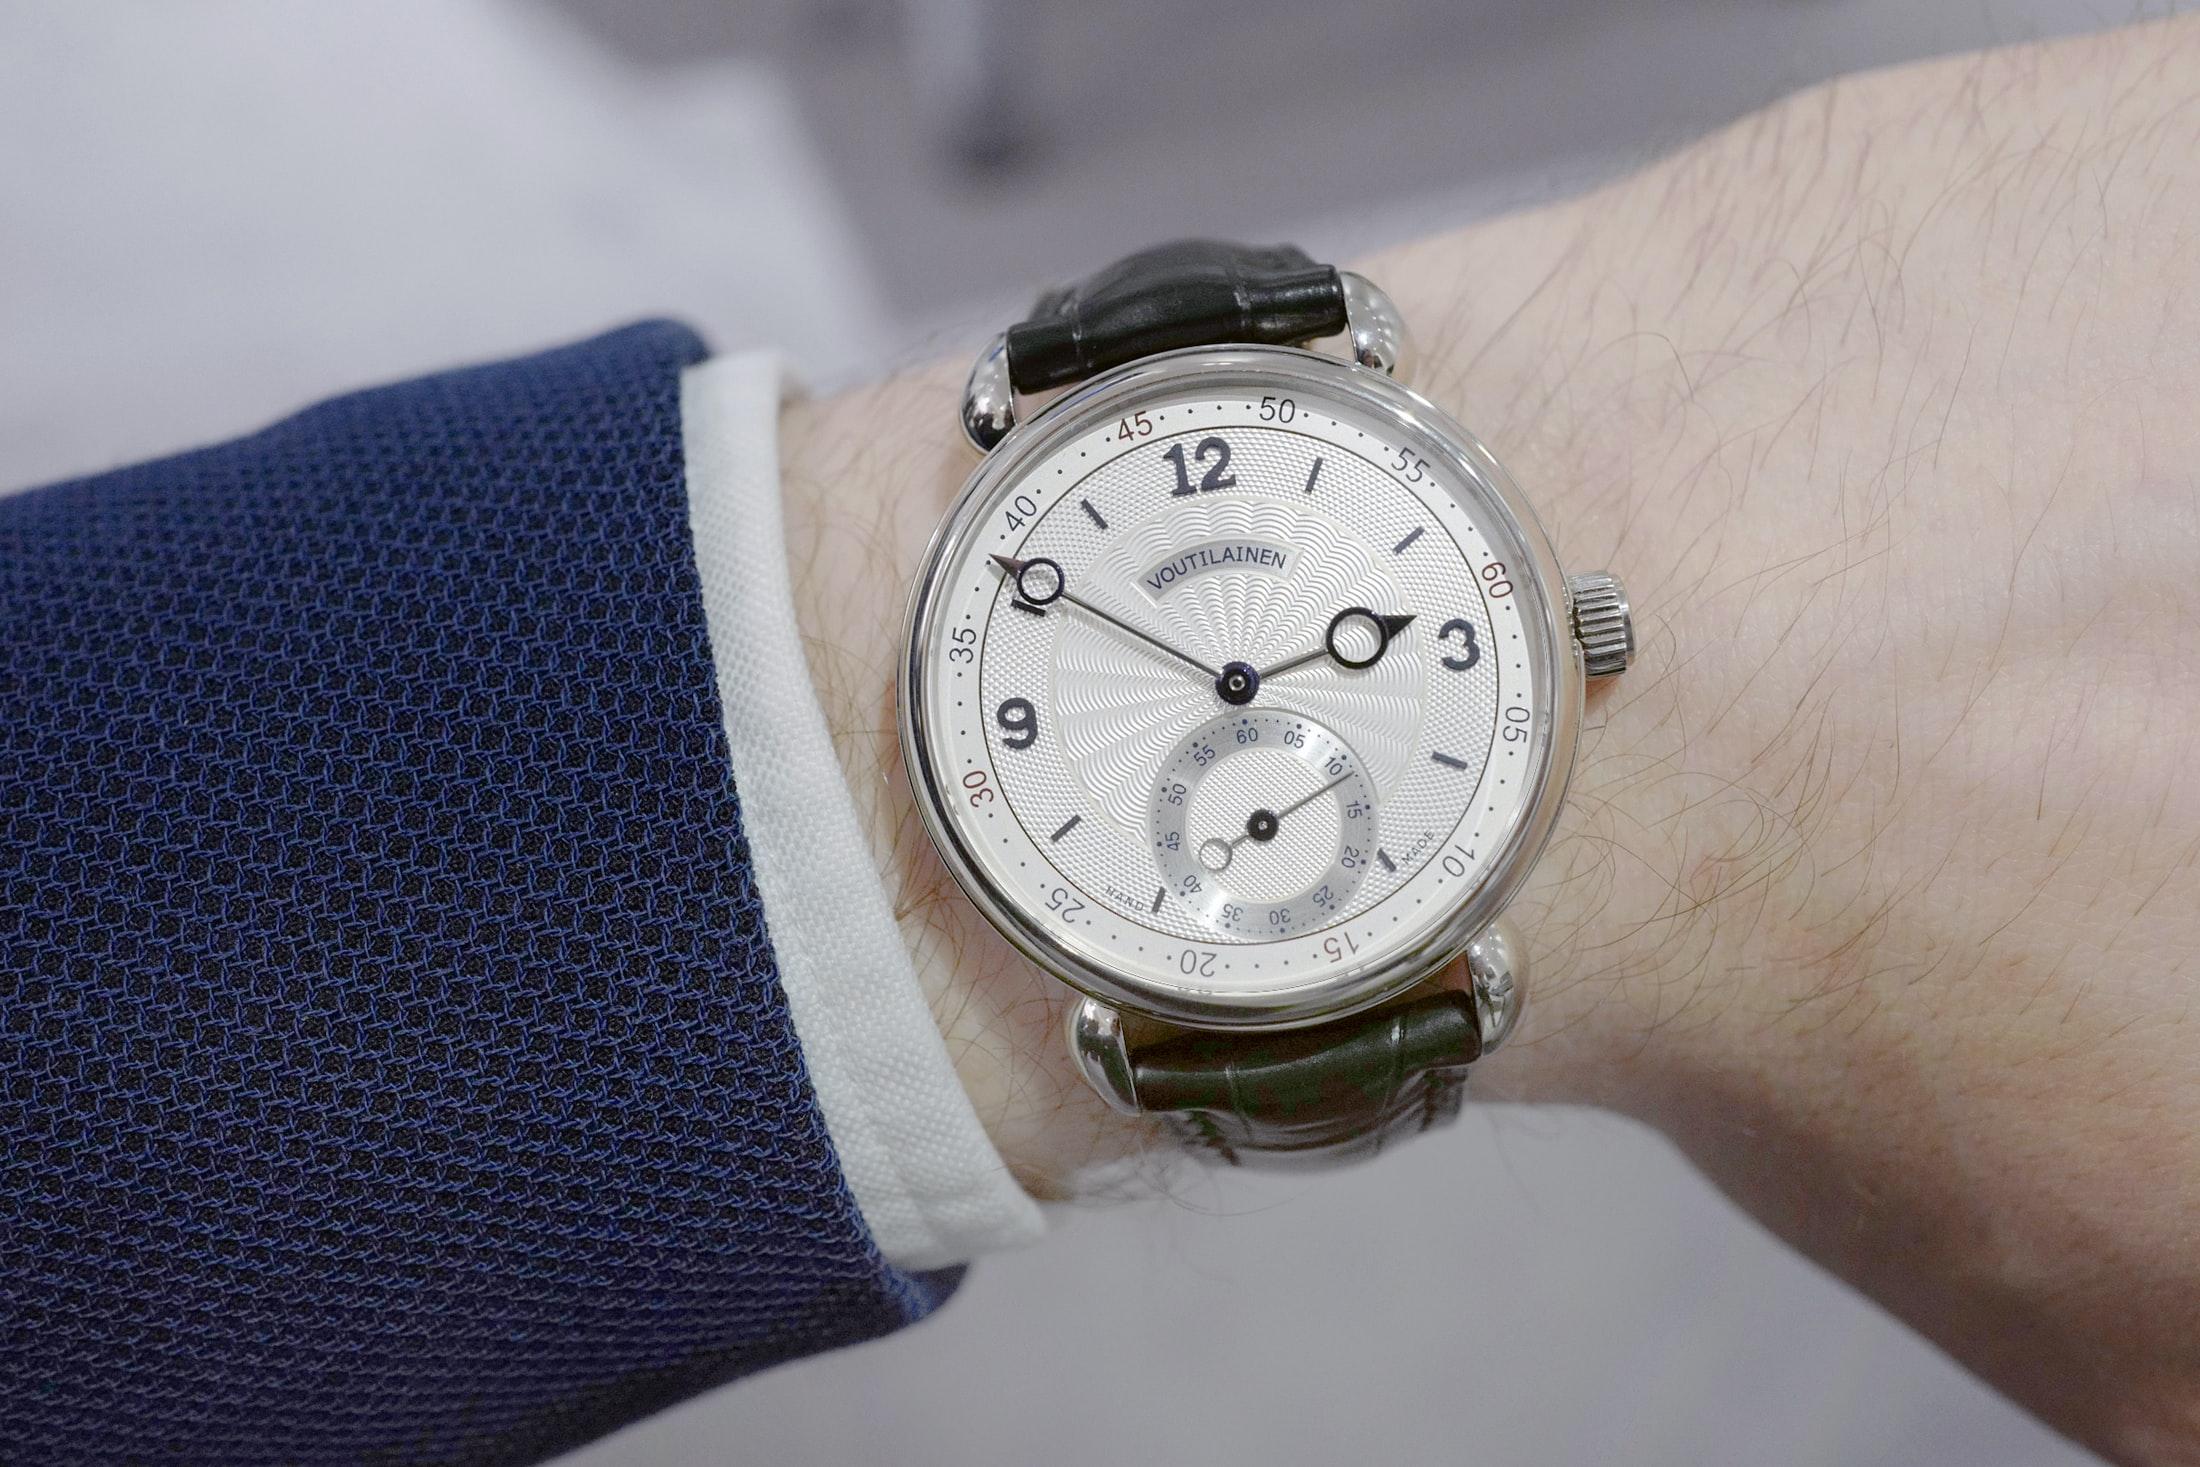 Voutilainen Vingt-8 ISO wristshot  Hands-On: The Voutilainen Vingt-8 ISO voutilainen iso 03